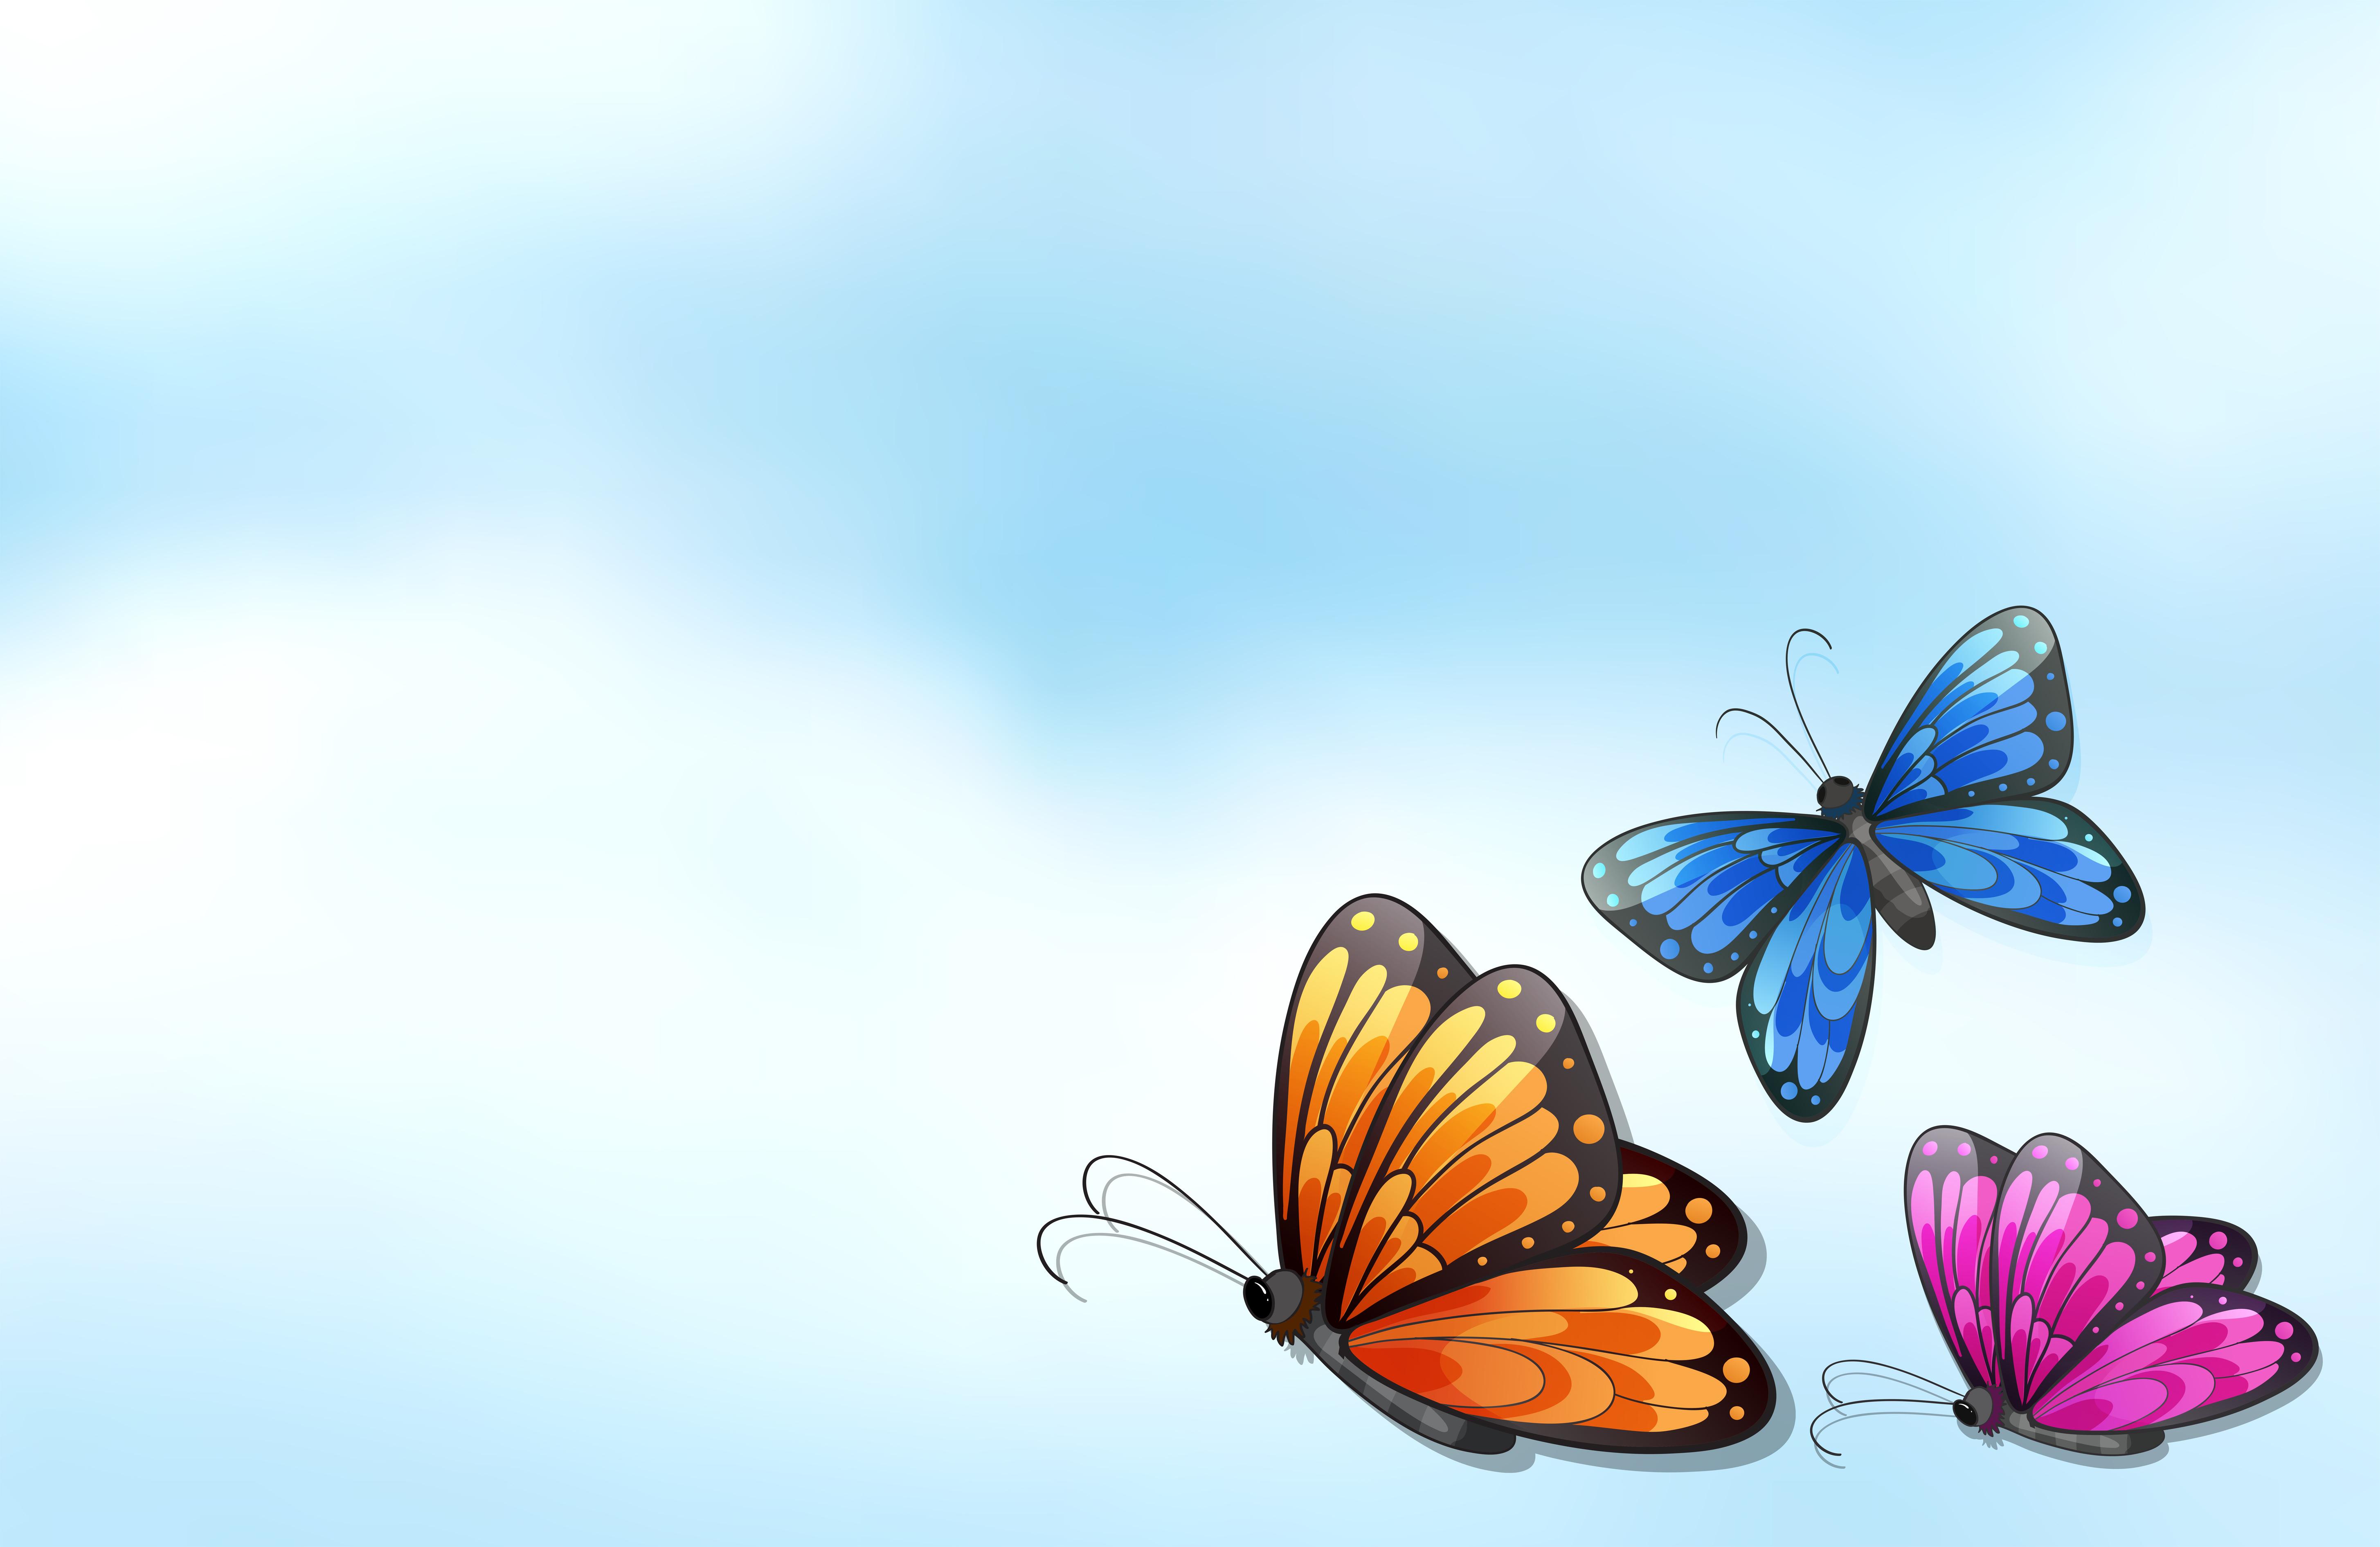 卡通蝴蝶 免費下載   天天瘋後製